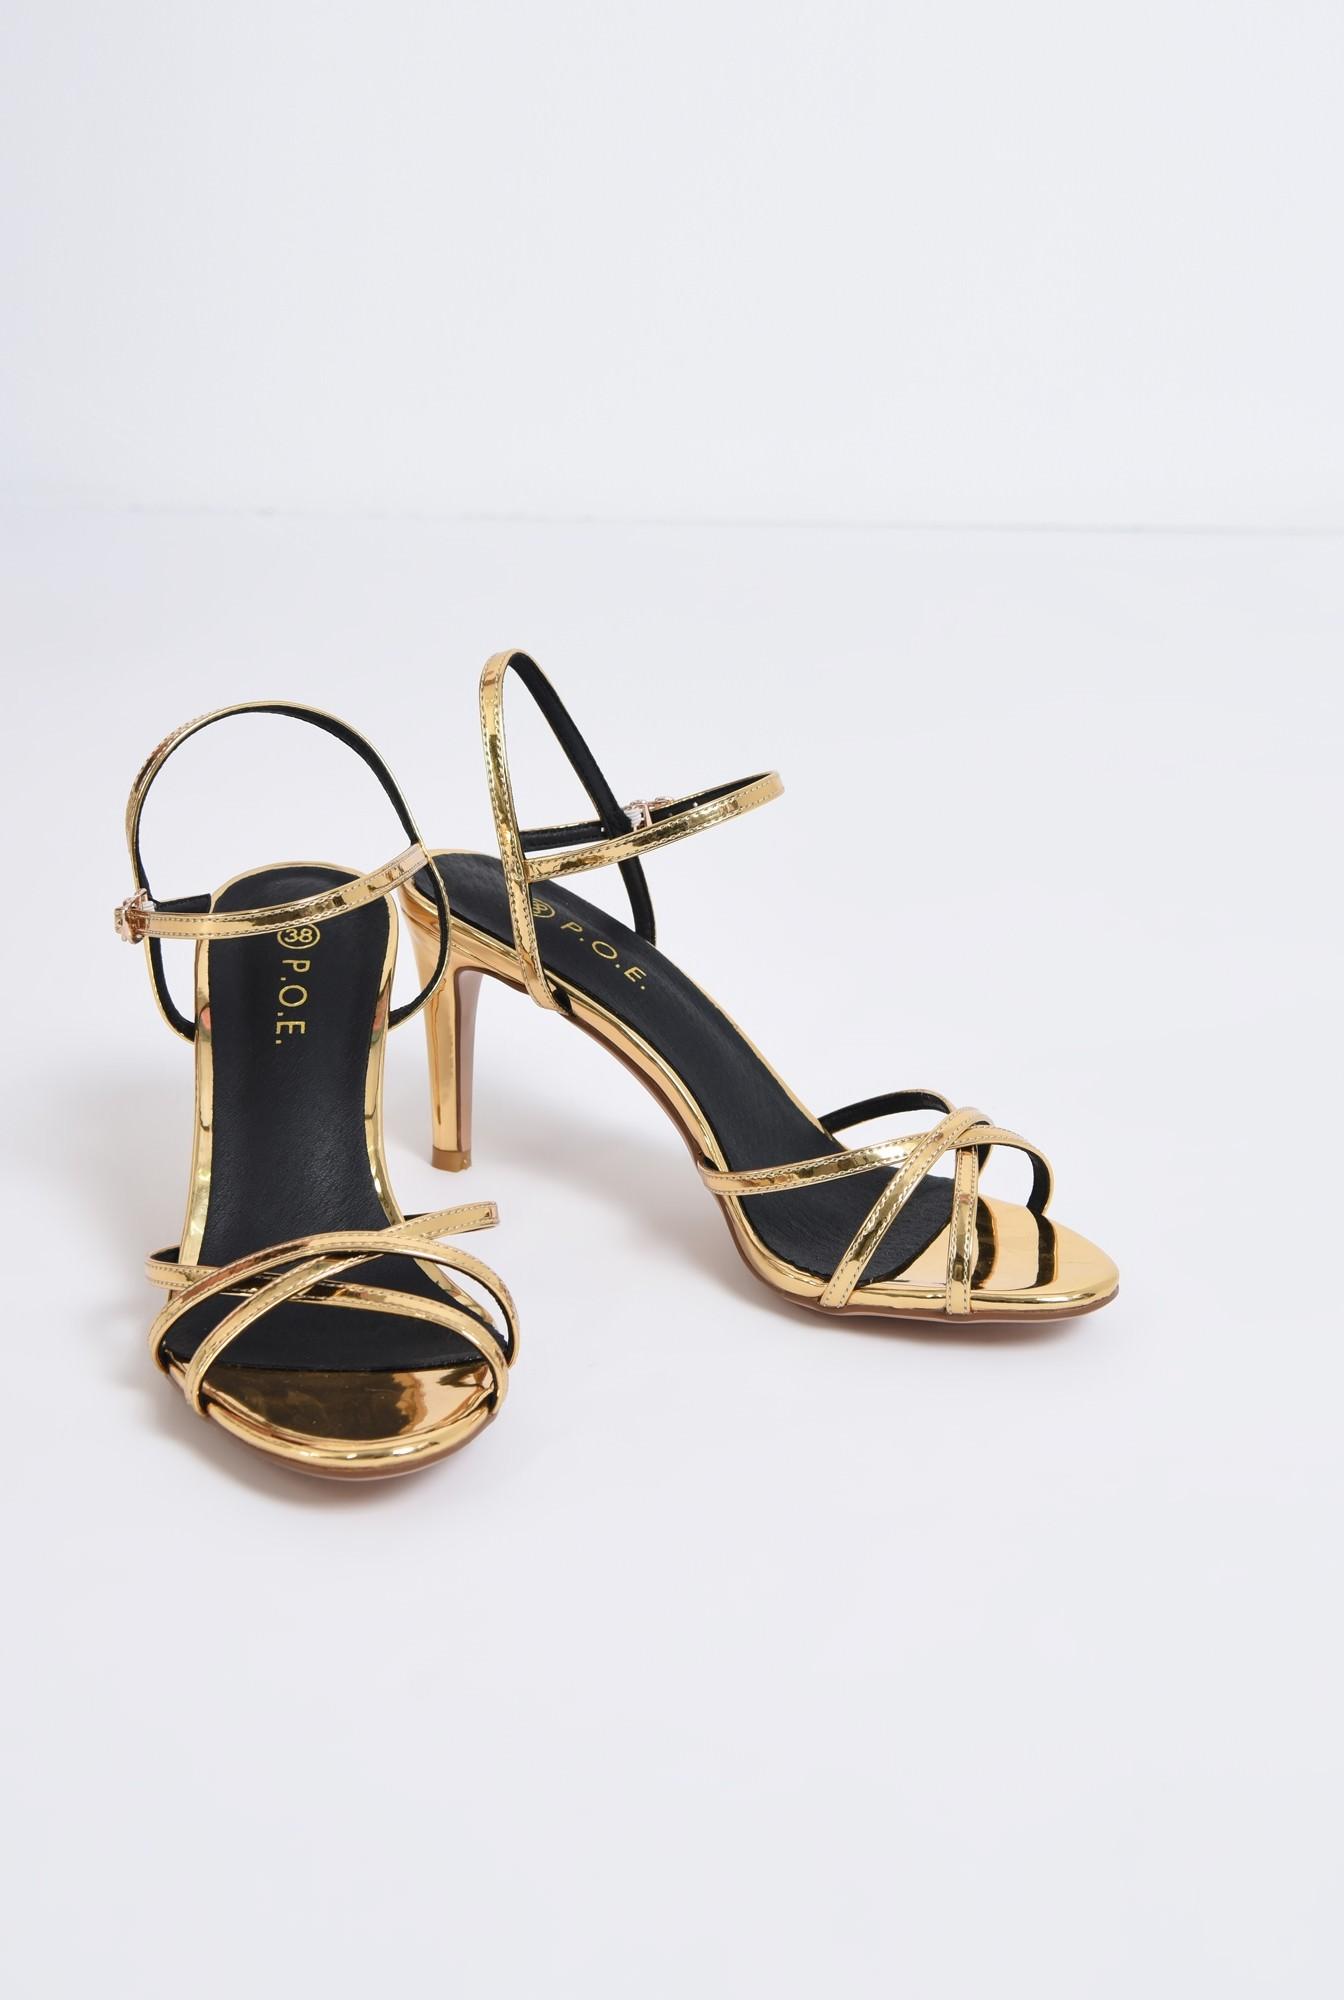 3 - sandale elegante, aurii, cu toc, aspect metalic